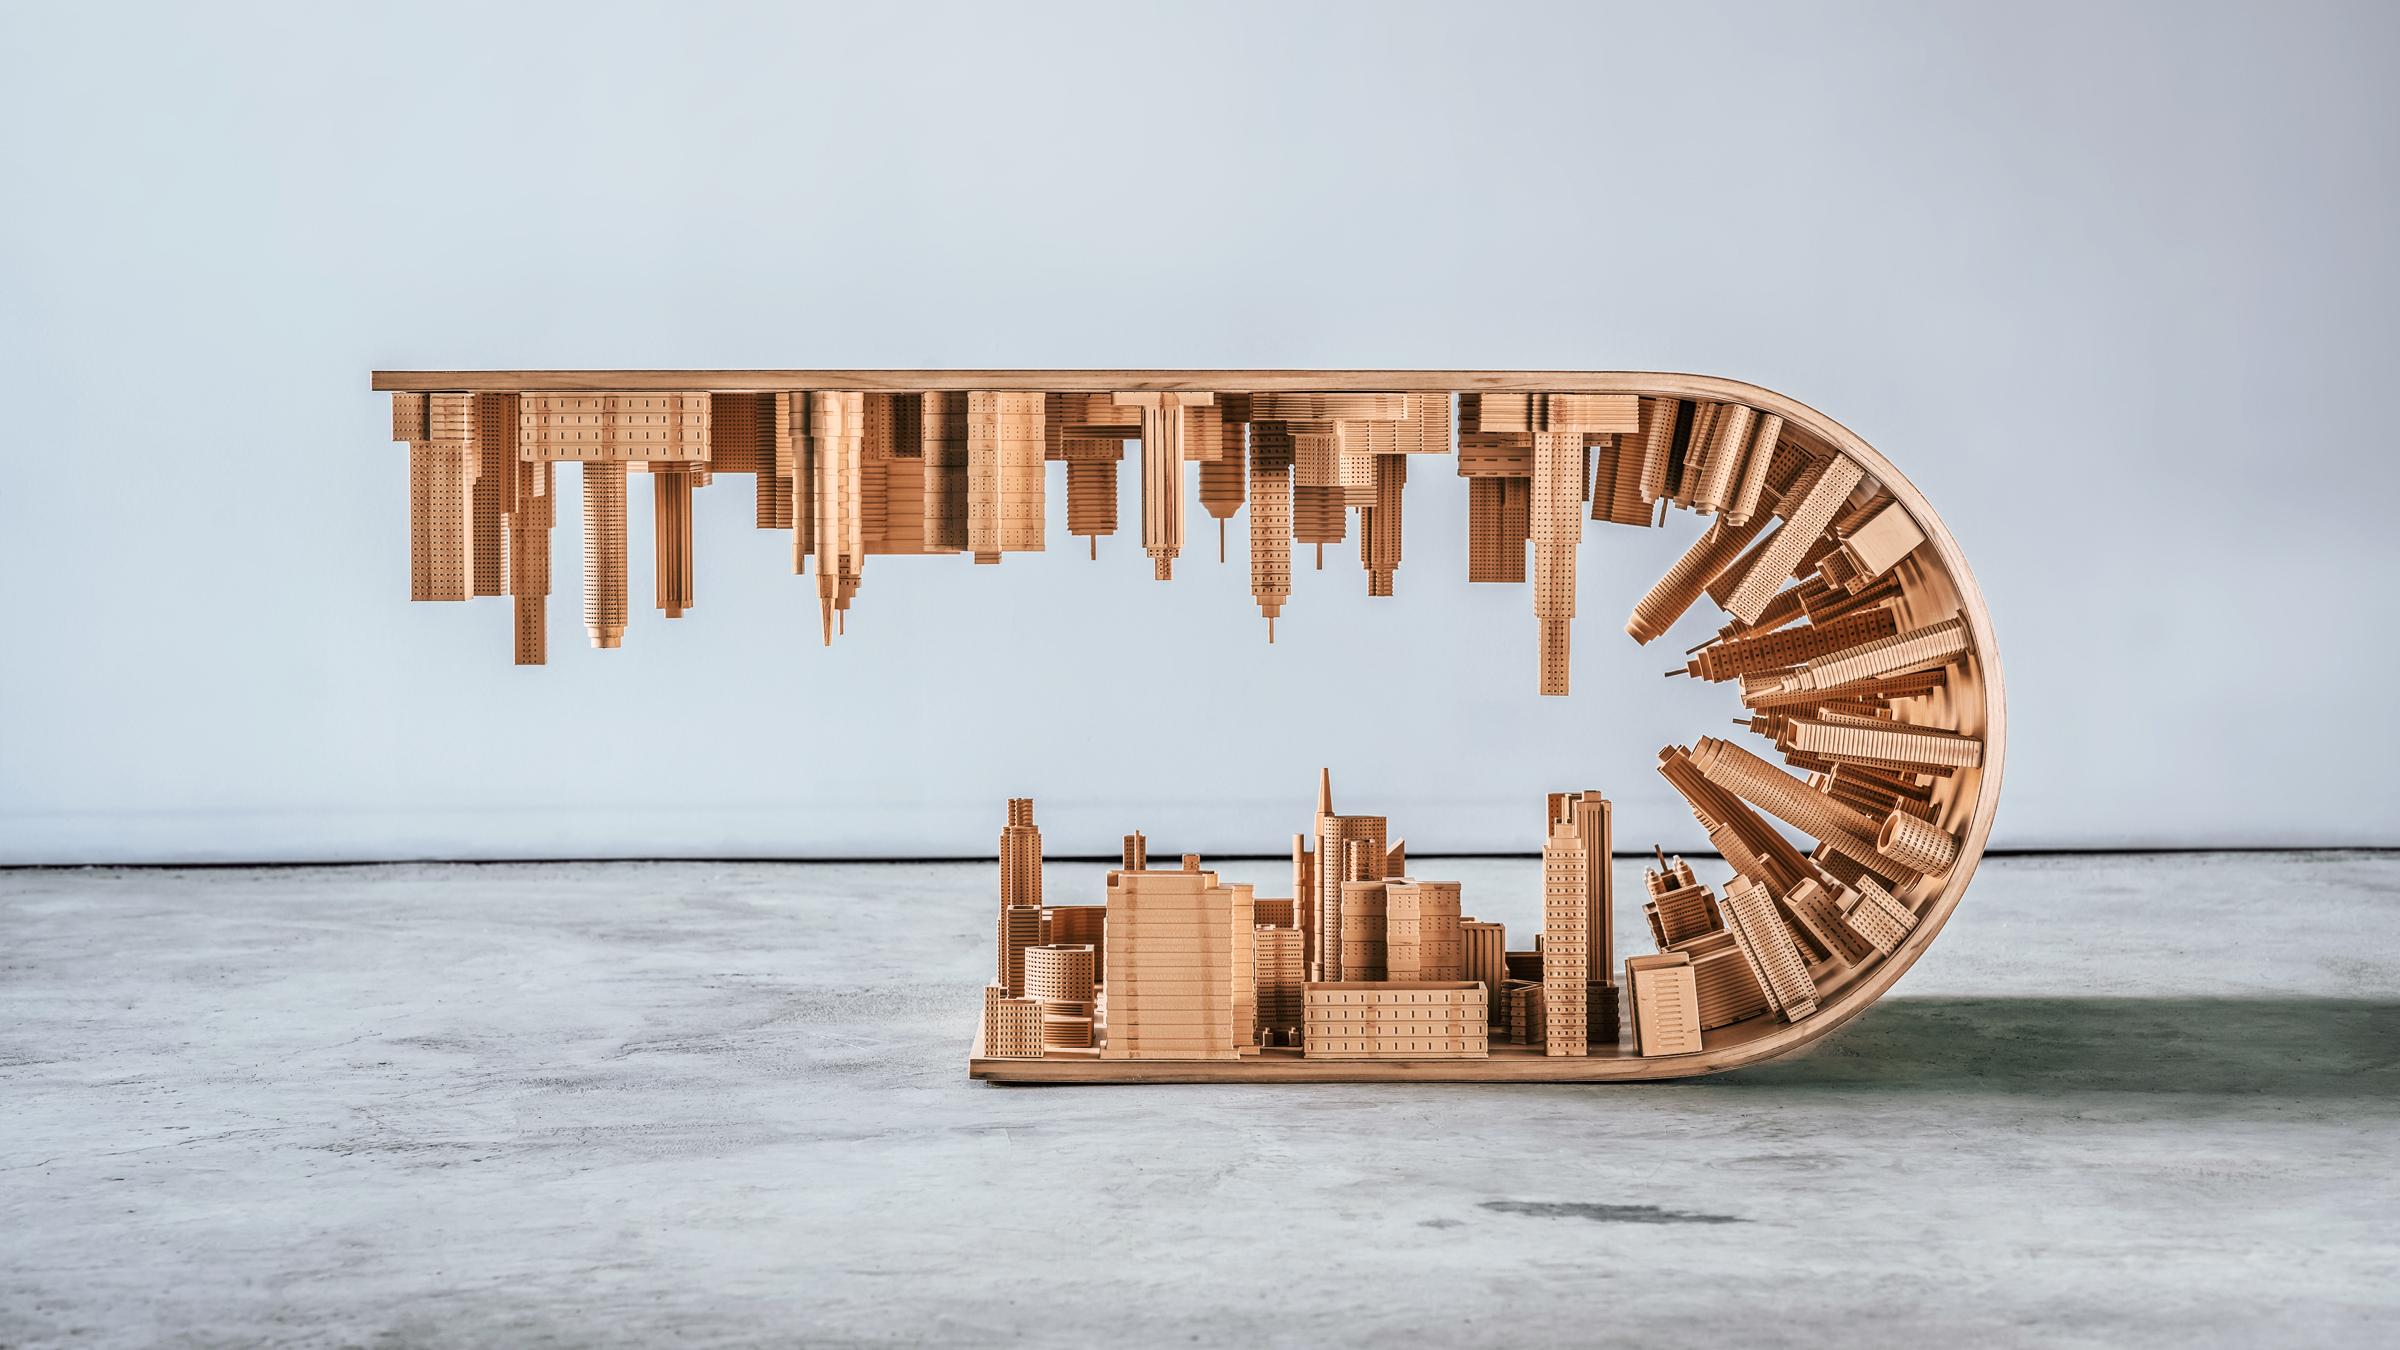 მაგიდა, მისაღები, დიზაინი, დეკორი, ბლოგი, qwellygraphy, design, ხელოვნება